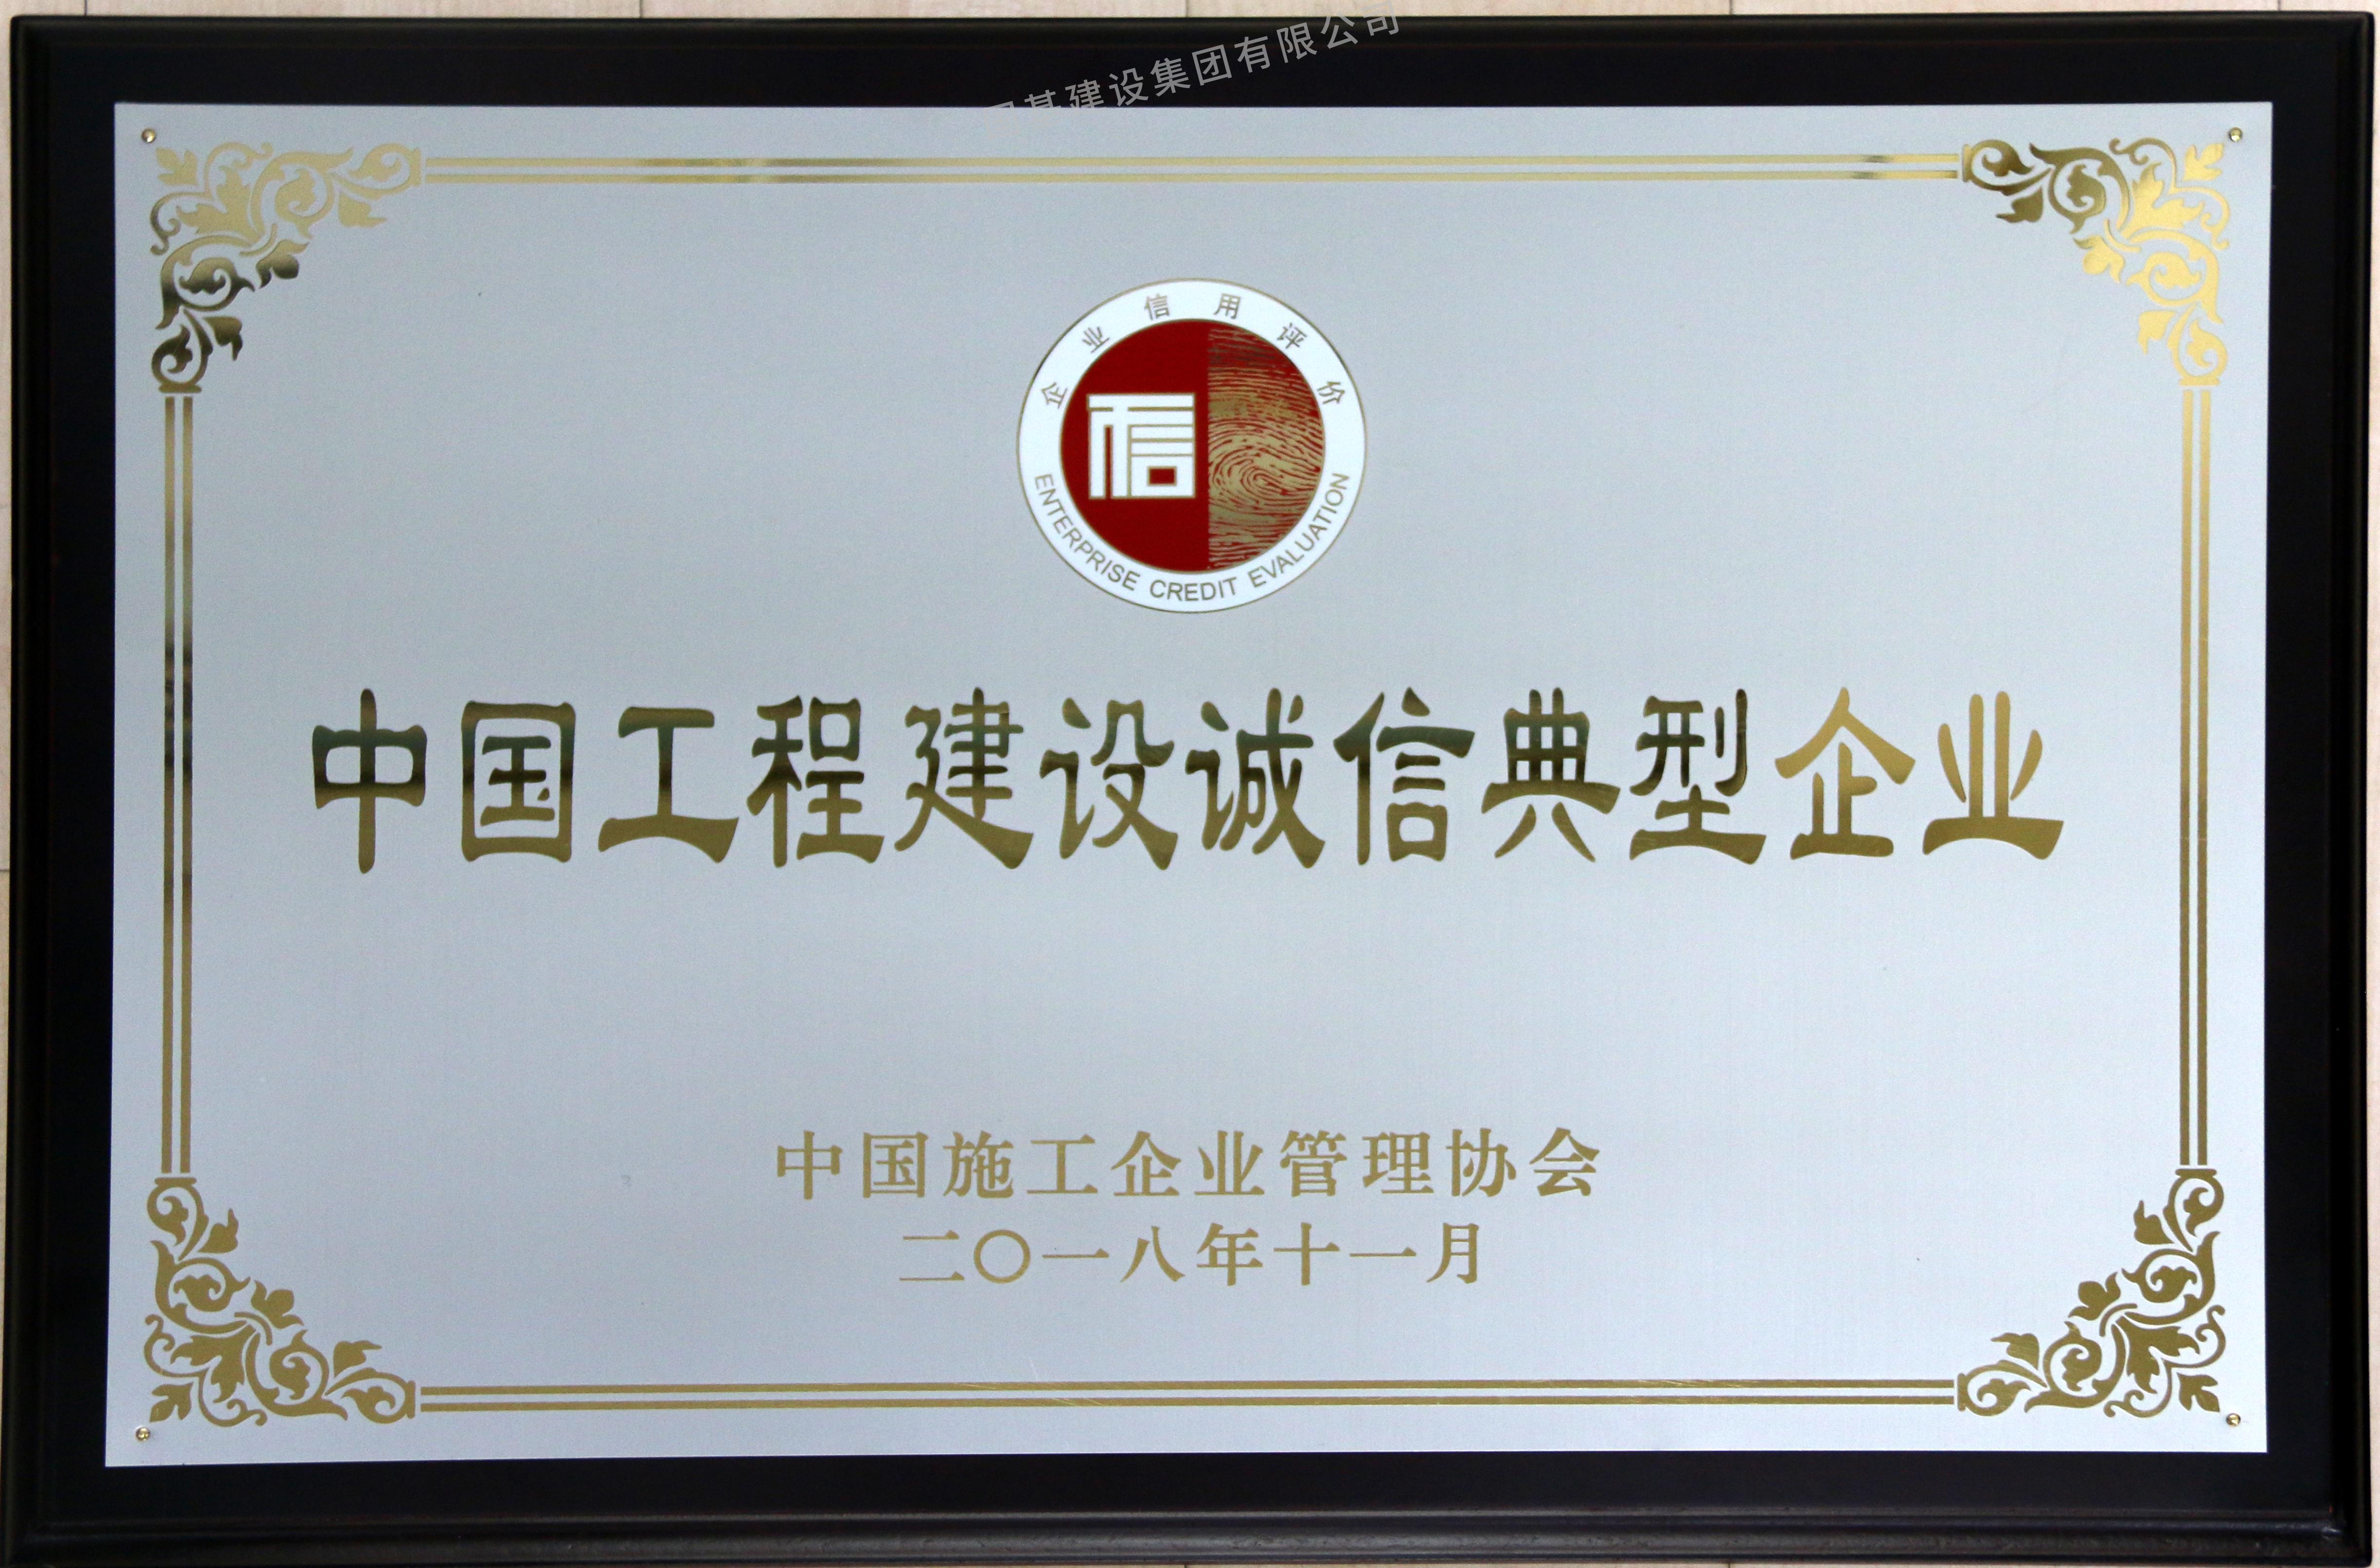 企业荣誉-2018年-中国工程u赢电竞返现诚信典型企业